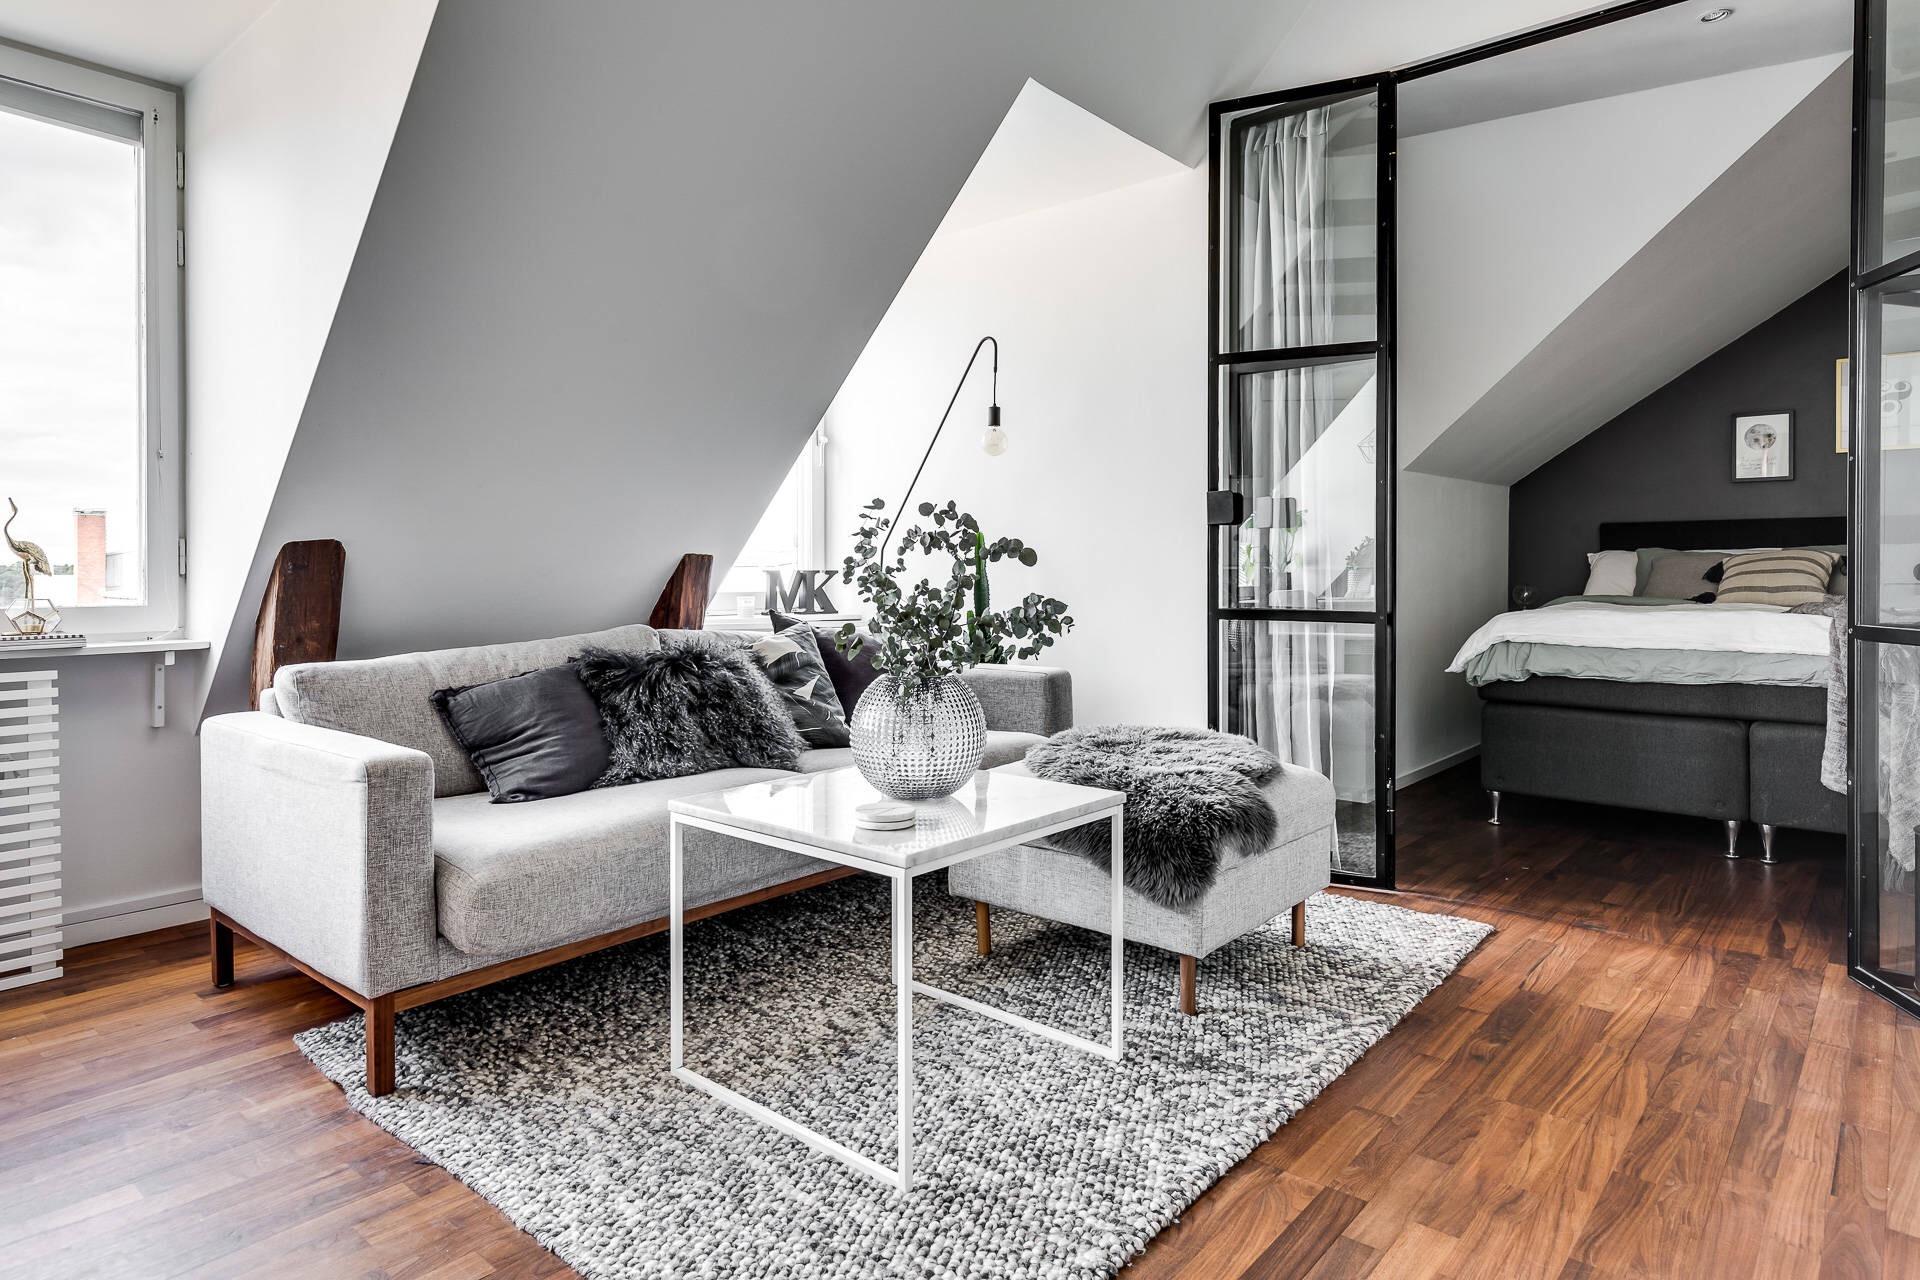 мансарда диван подушки столик ковер перегородка спальня